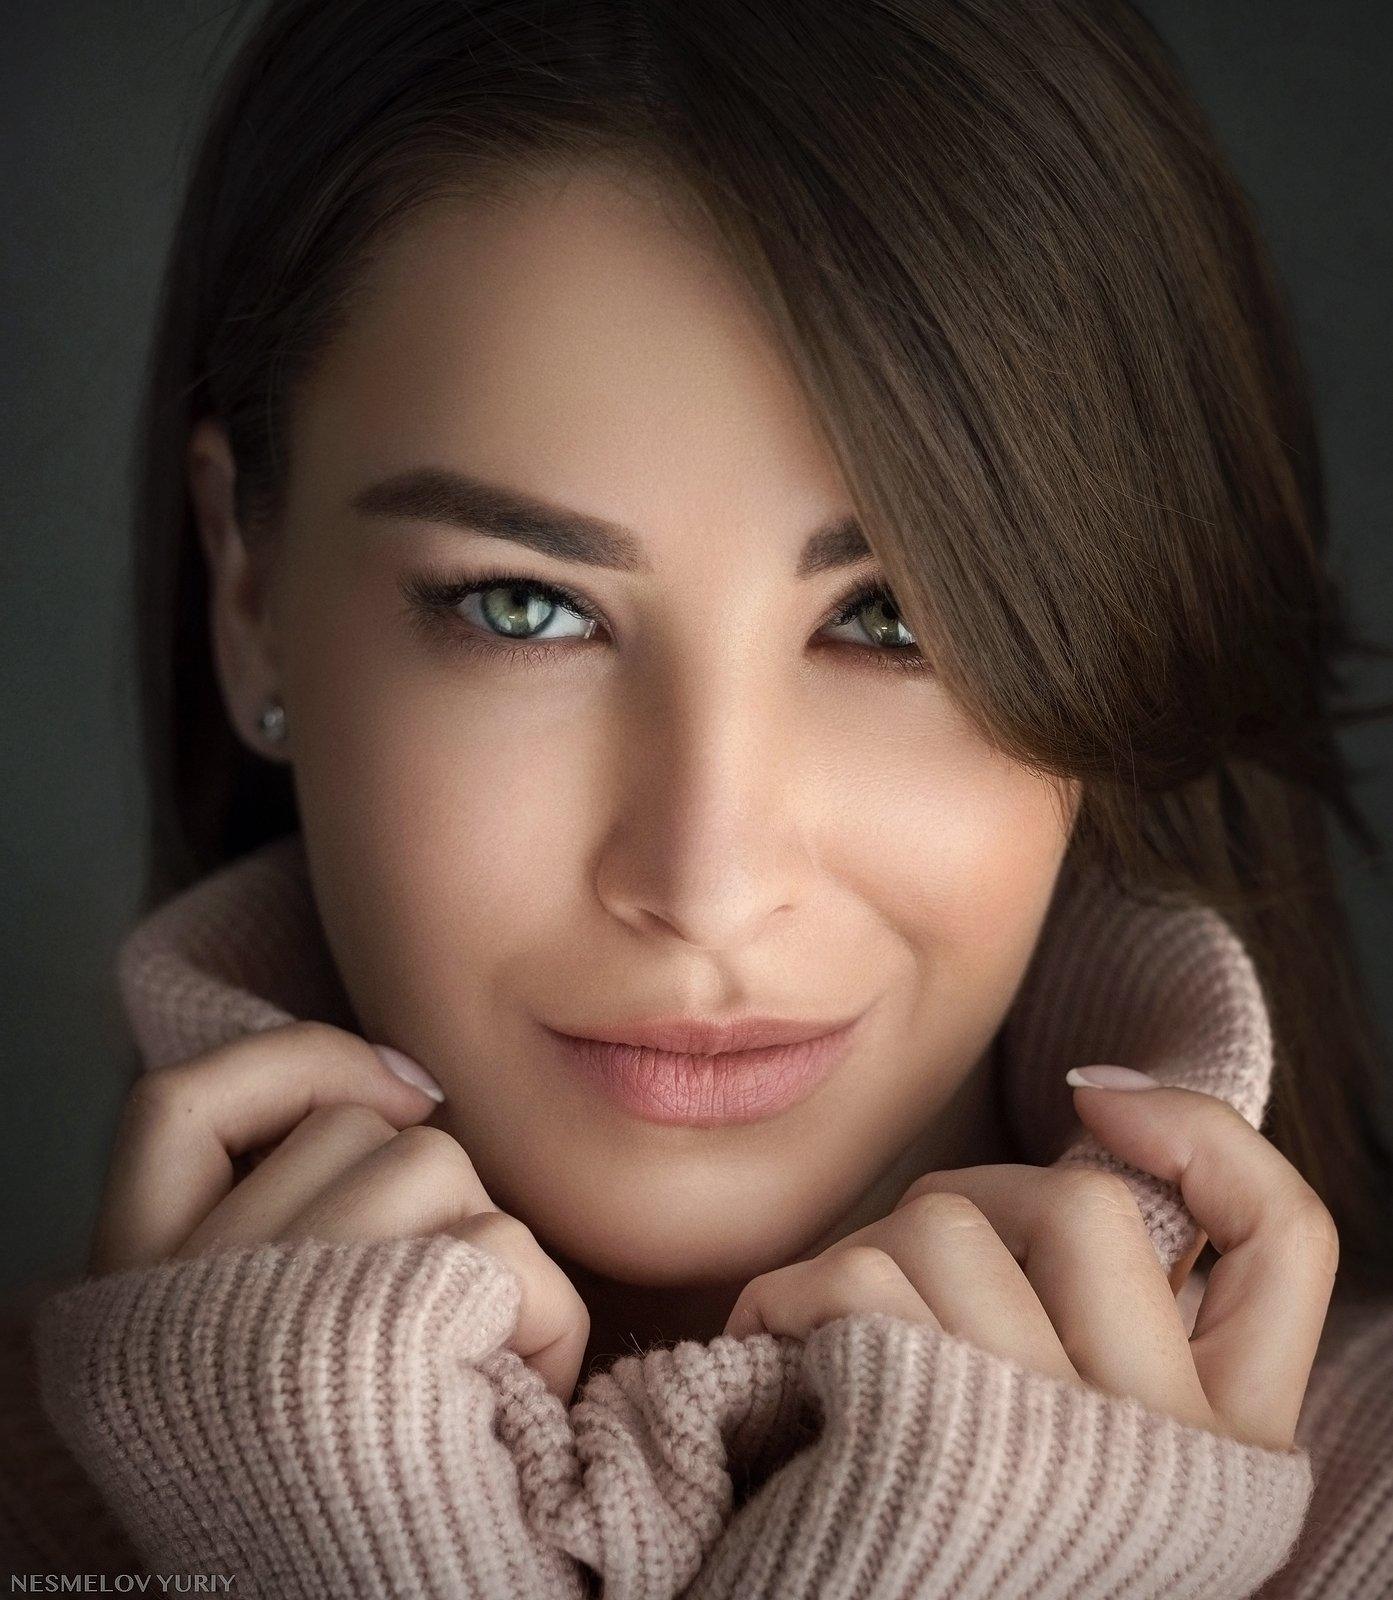 girl, portrait, art, девушка, портрет, Несмелов Юрий